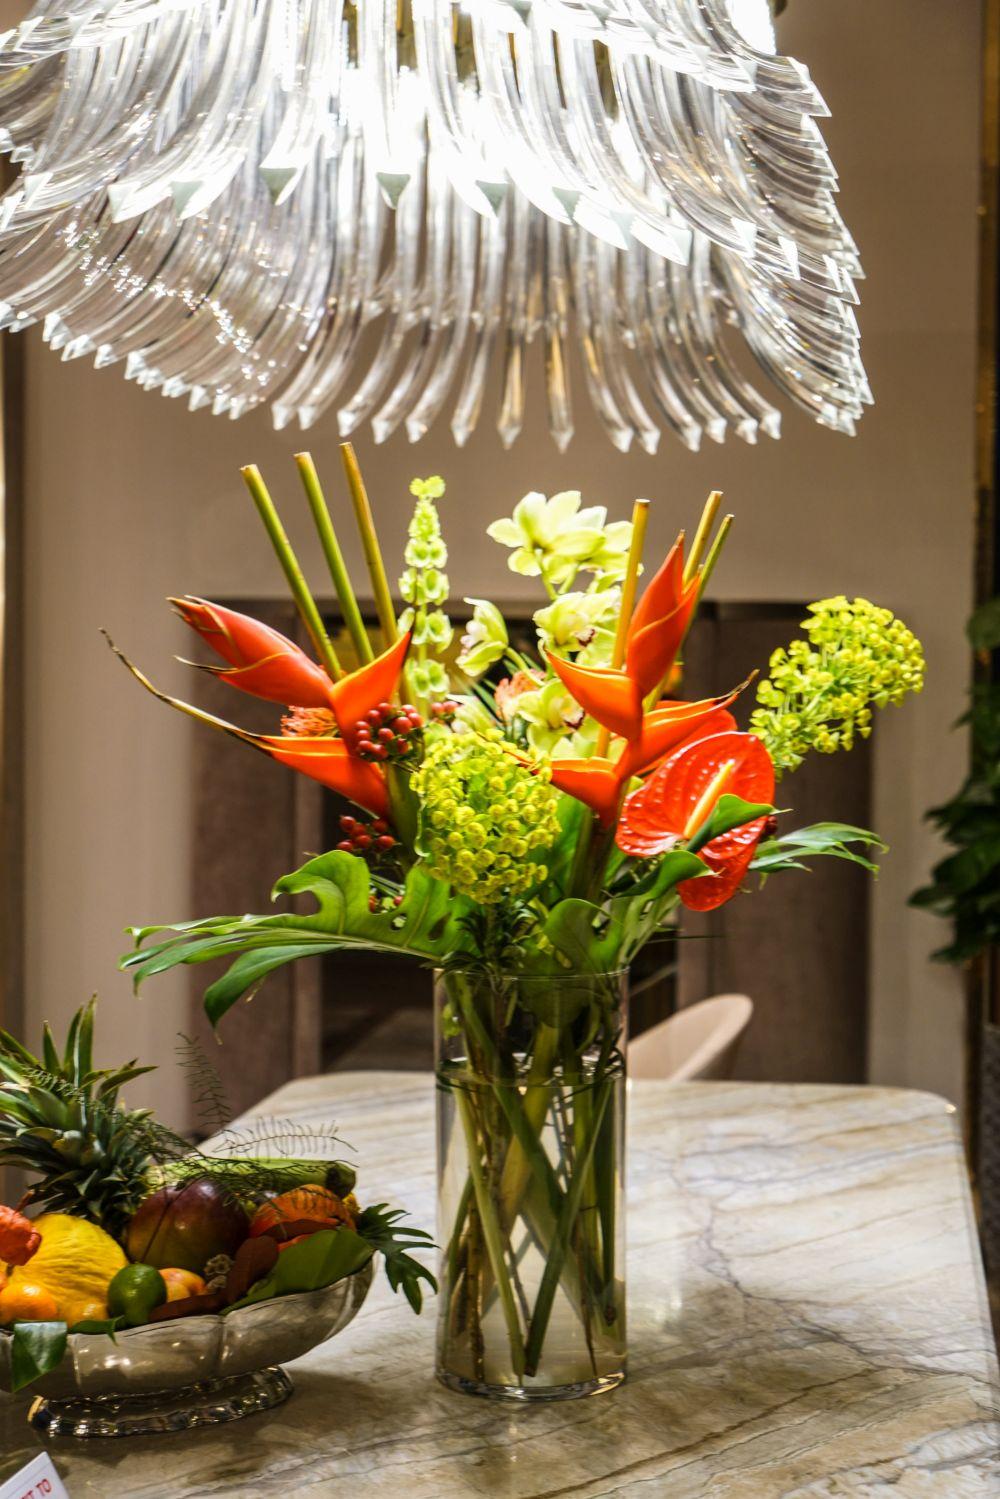 bình hoa đầy màu sắc đặt trên bàn